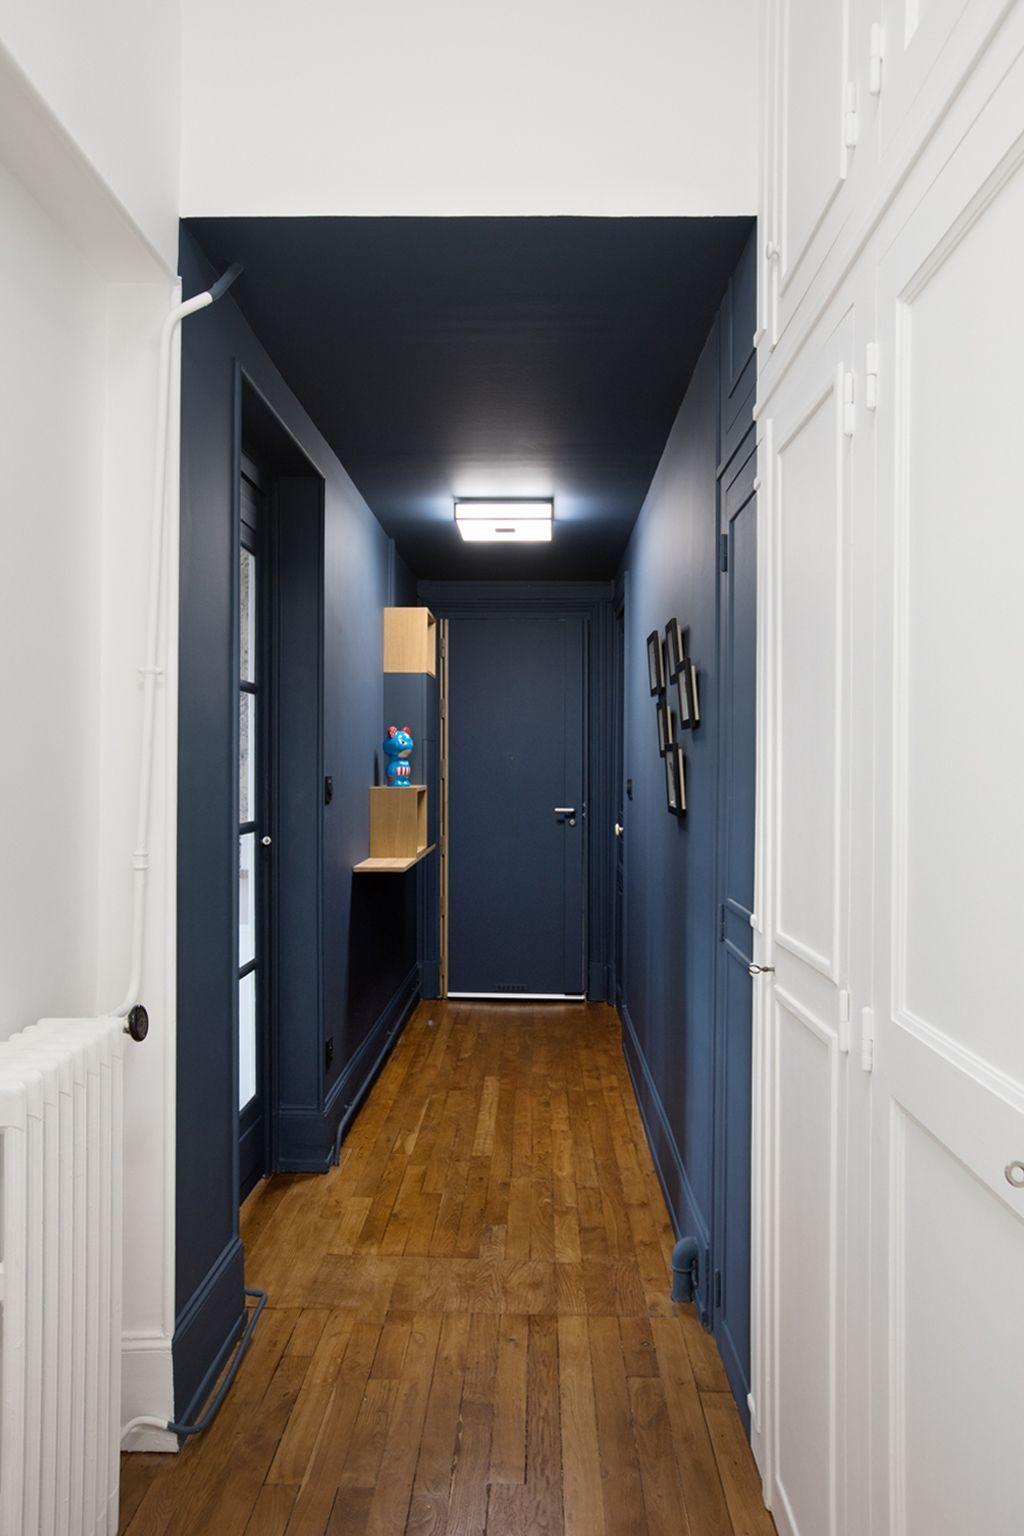 22 Яркие Прихожие, которые вы захотите себе | Длинный коридор